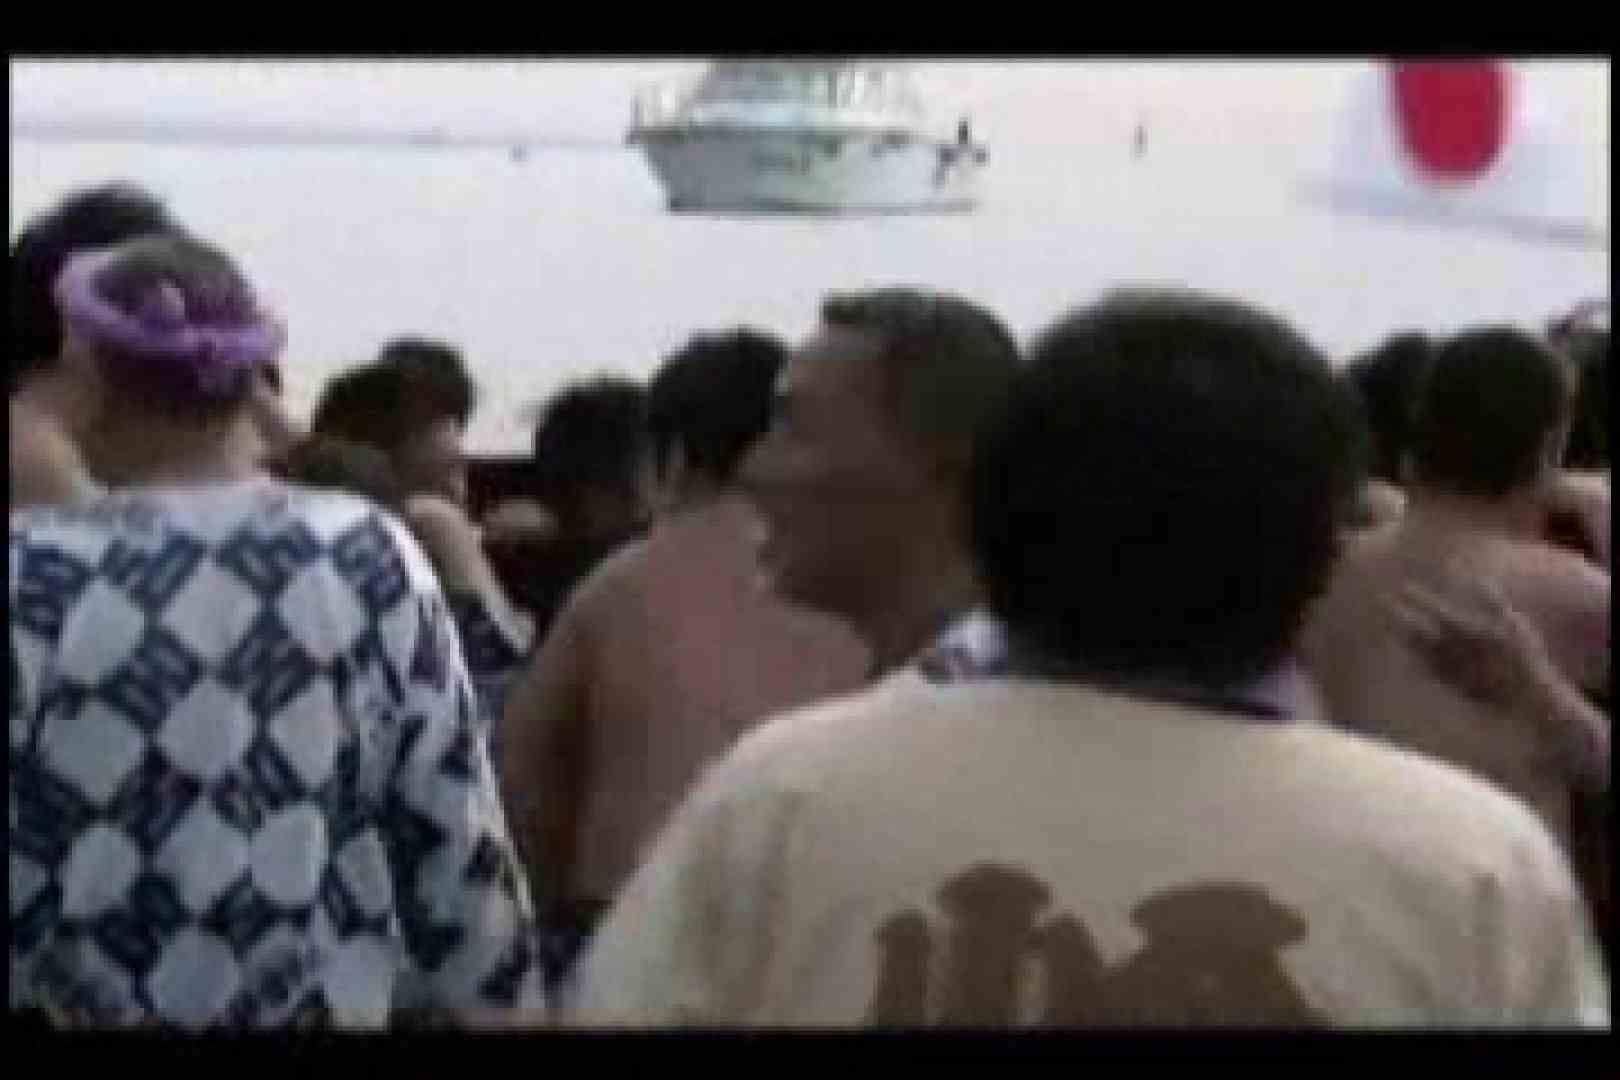 陰間茶屋 男児祭り VOL.2 野外露出セックス ゲイ素人エロ画像 96枚 36